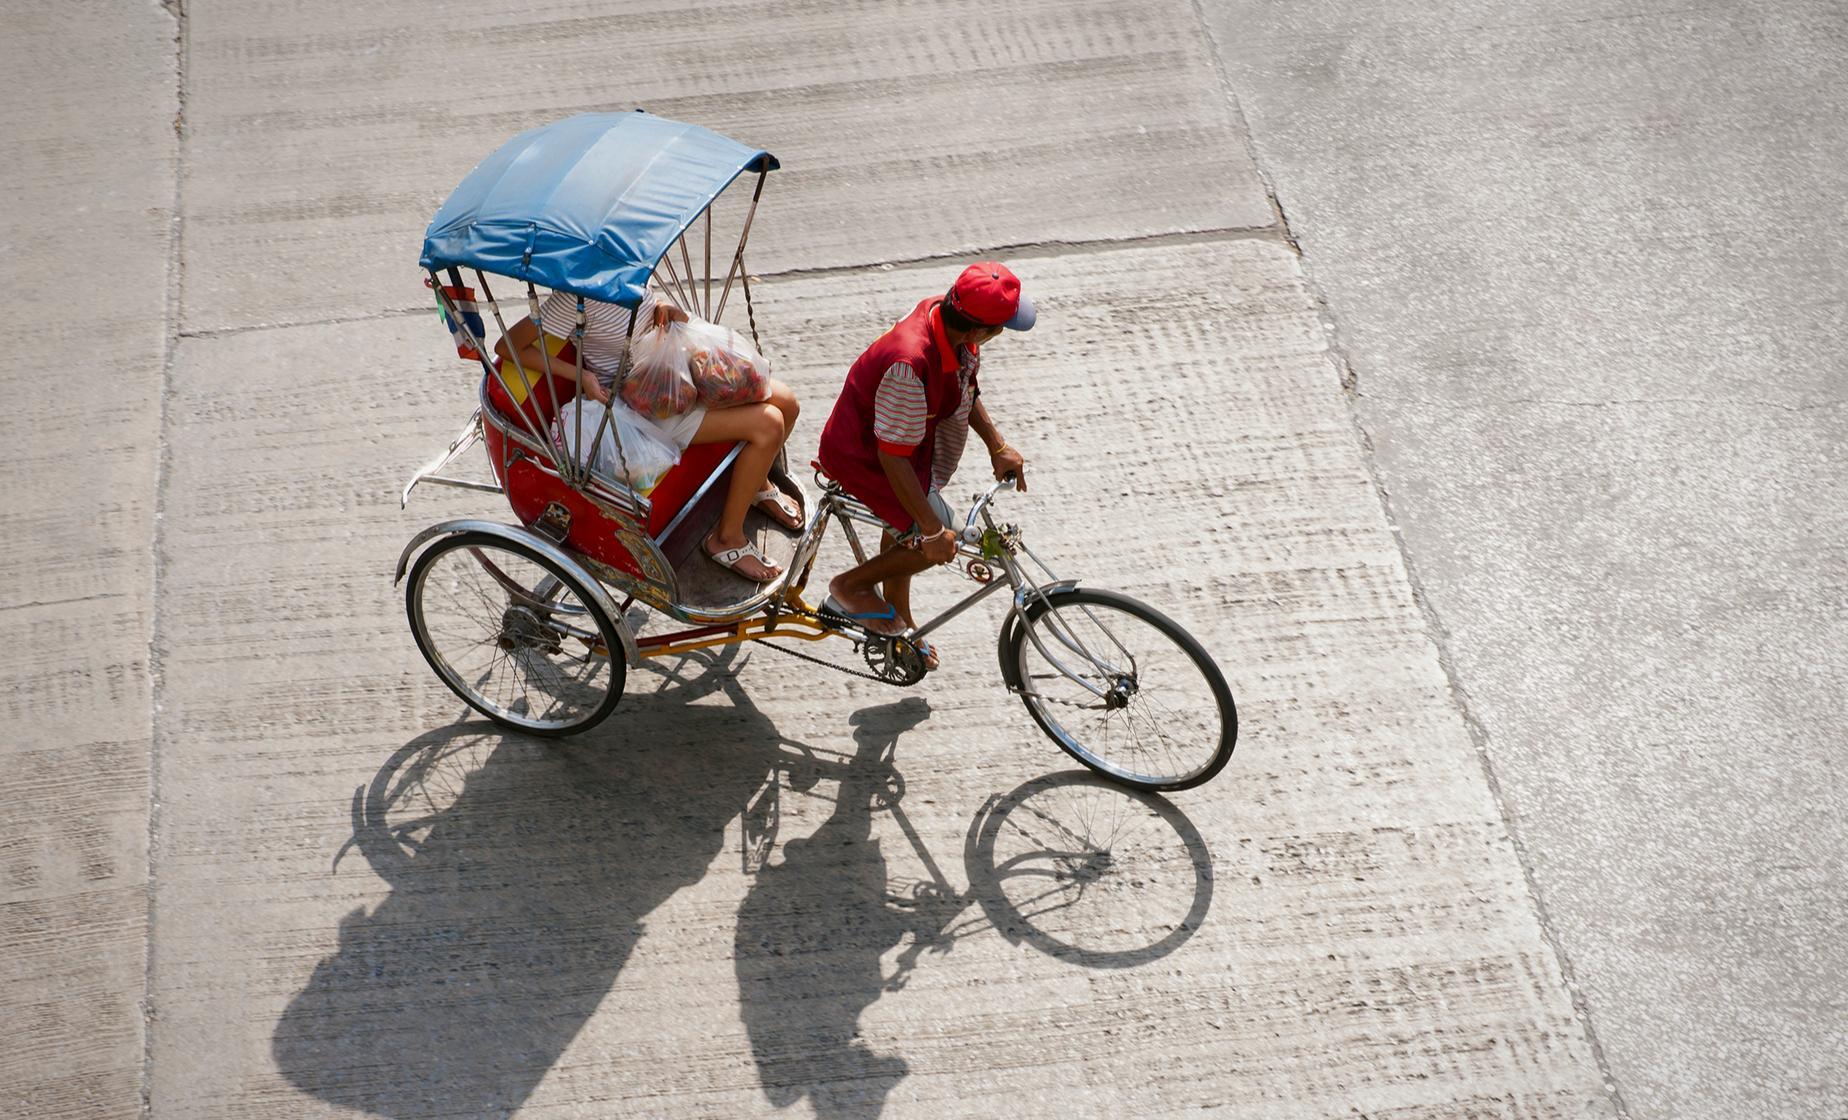 Bari in a Rickshaw